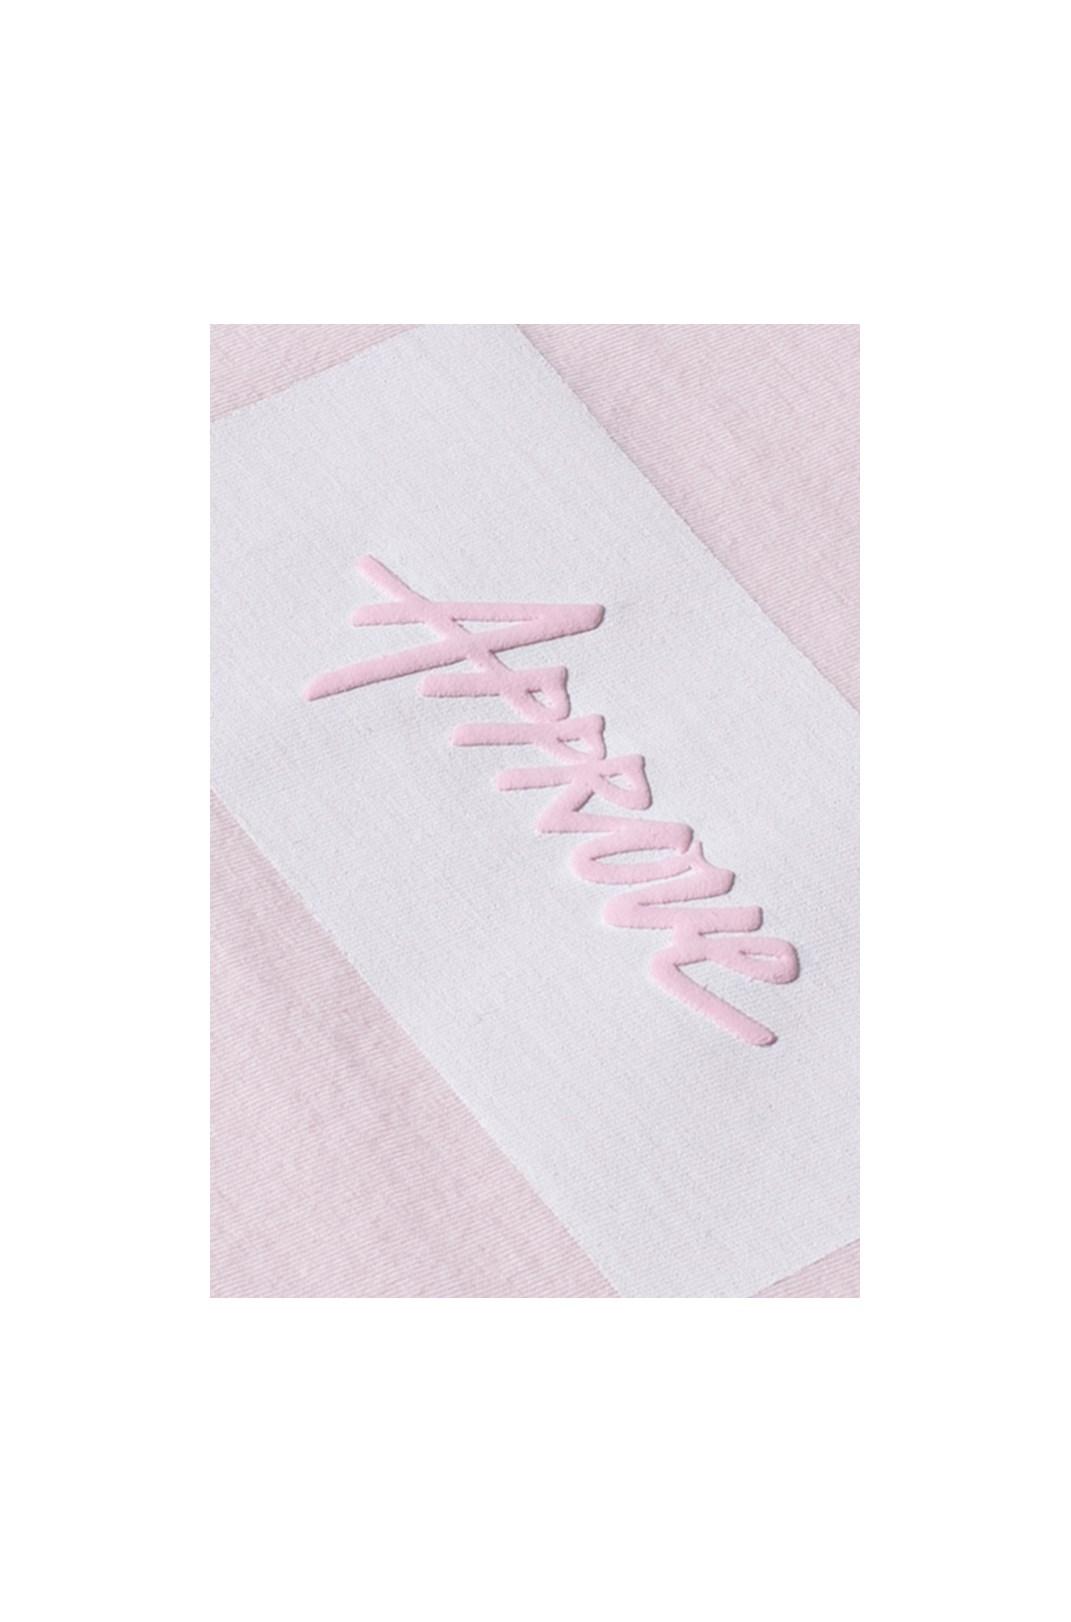 Camiseta Tradicional Approve Classic Rosa E Branca V2